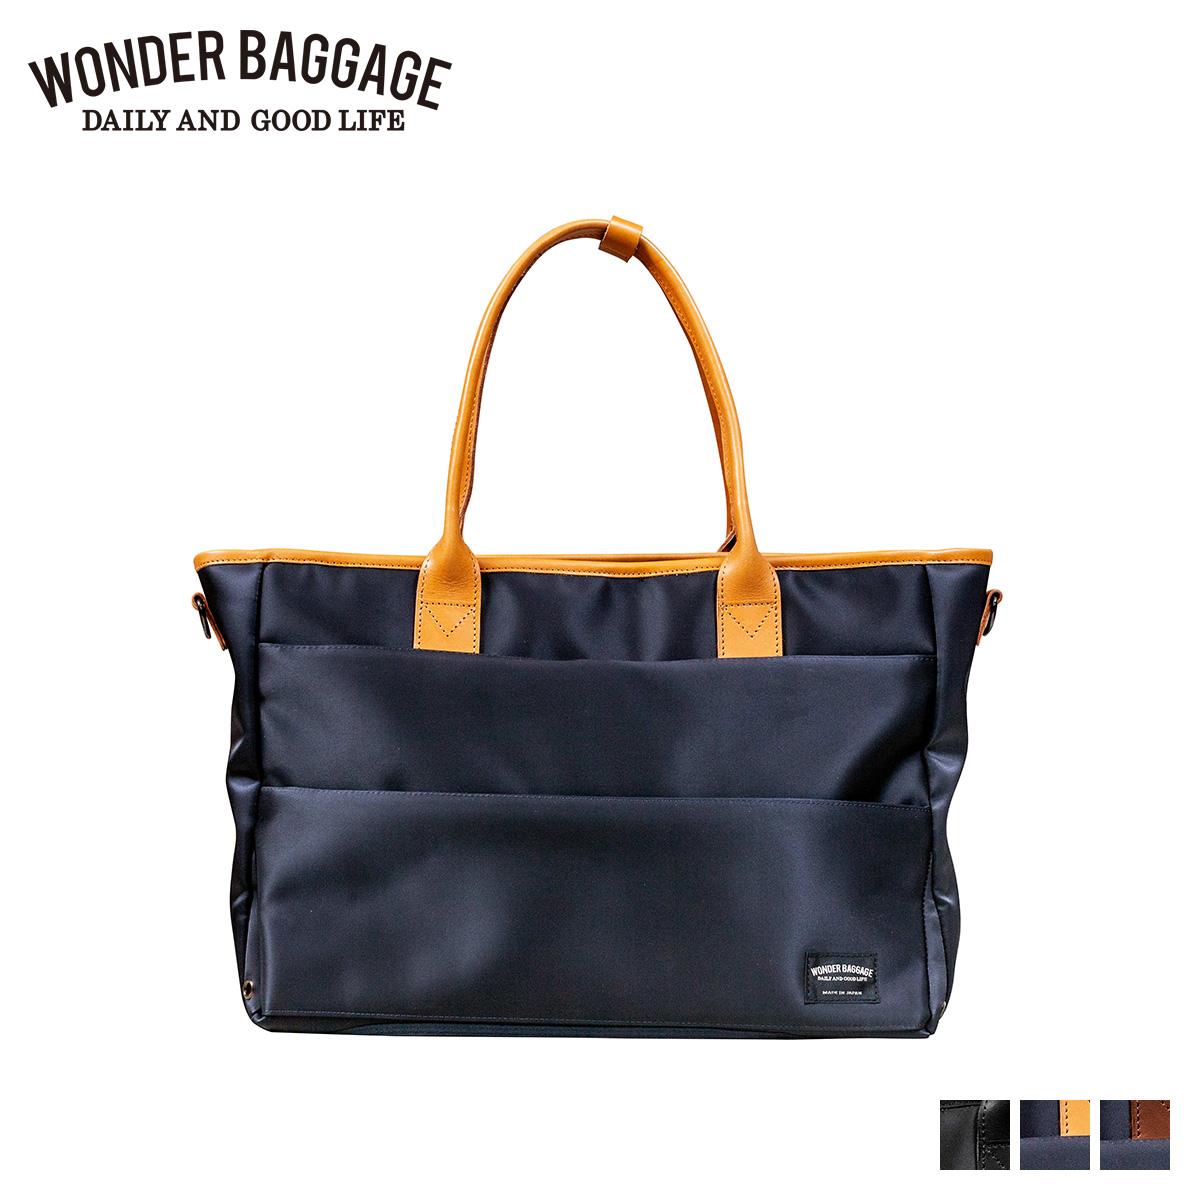 WONDER BAGGAGE ワンダーバゲージ バッグ トートバッグ ビジネスバッグ ショルダー グッドマンズ メンズ GOODMANS TOTE WR ブラック ネイビー チョコ 黒 WB-G-021